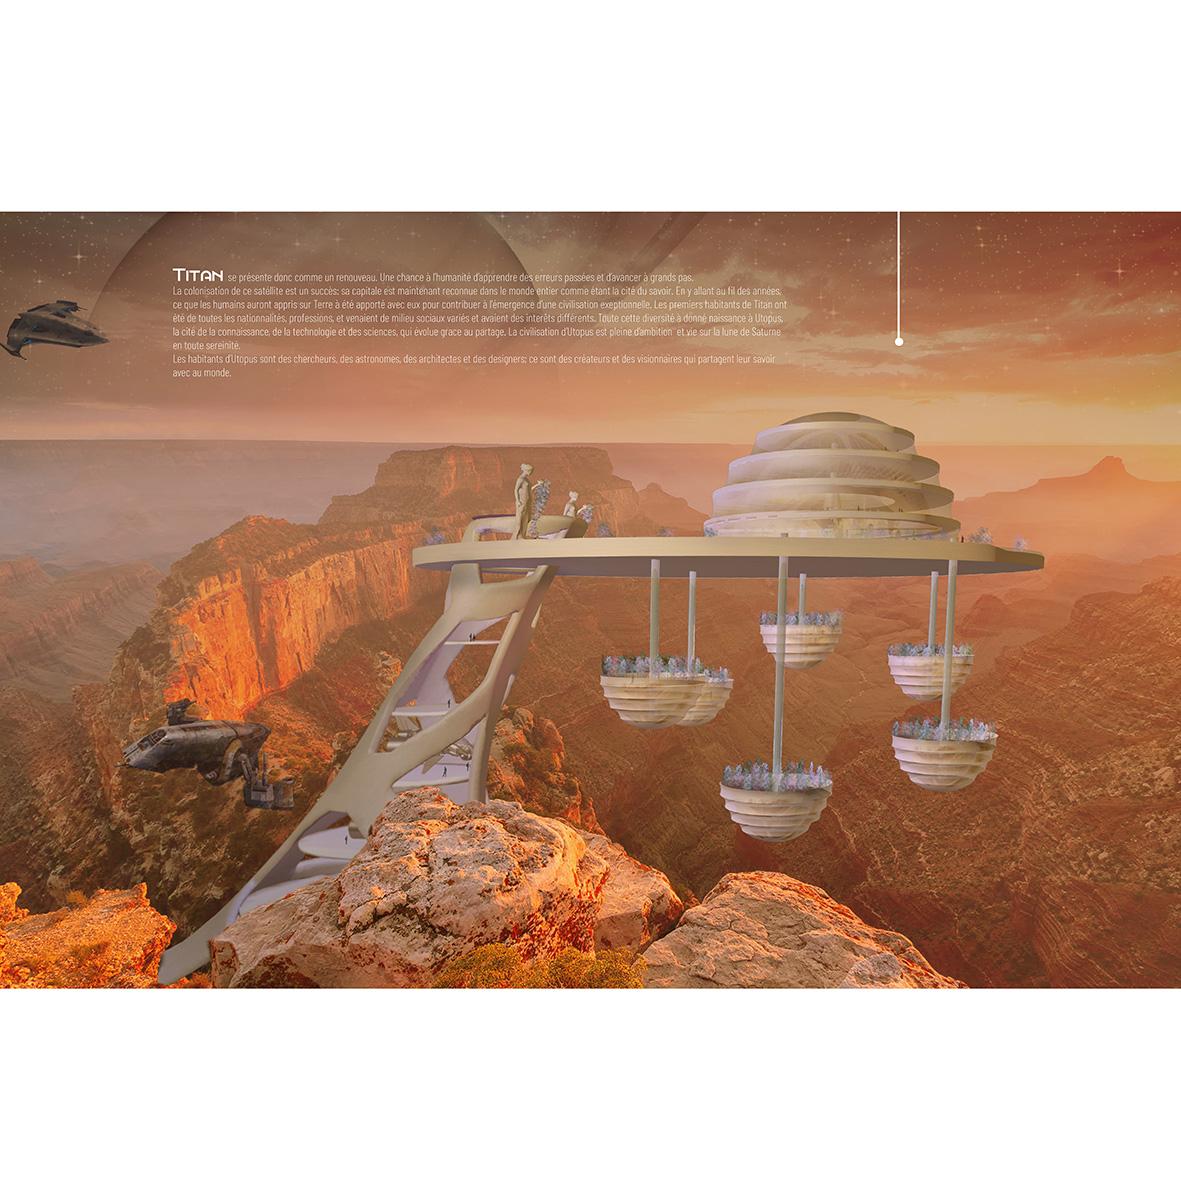 UTOPUS - ÉCOSYSTÈME : Titan, Lune de SaturneMEMBRE DE L'ÉQUIPE : Éloïse Cuny